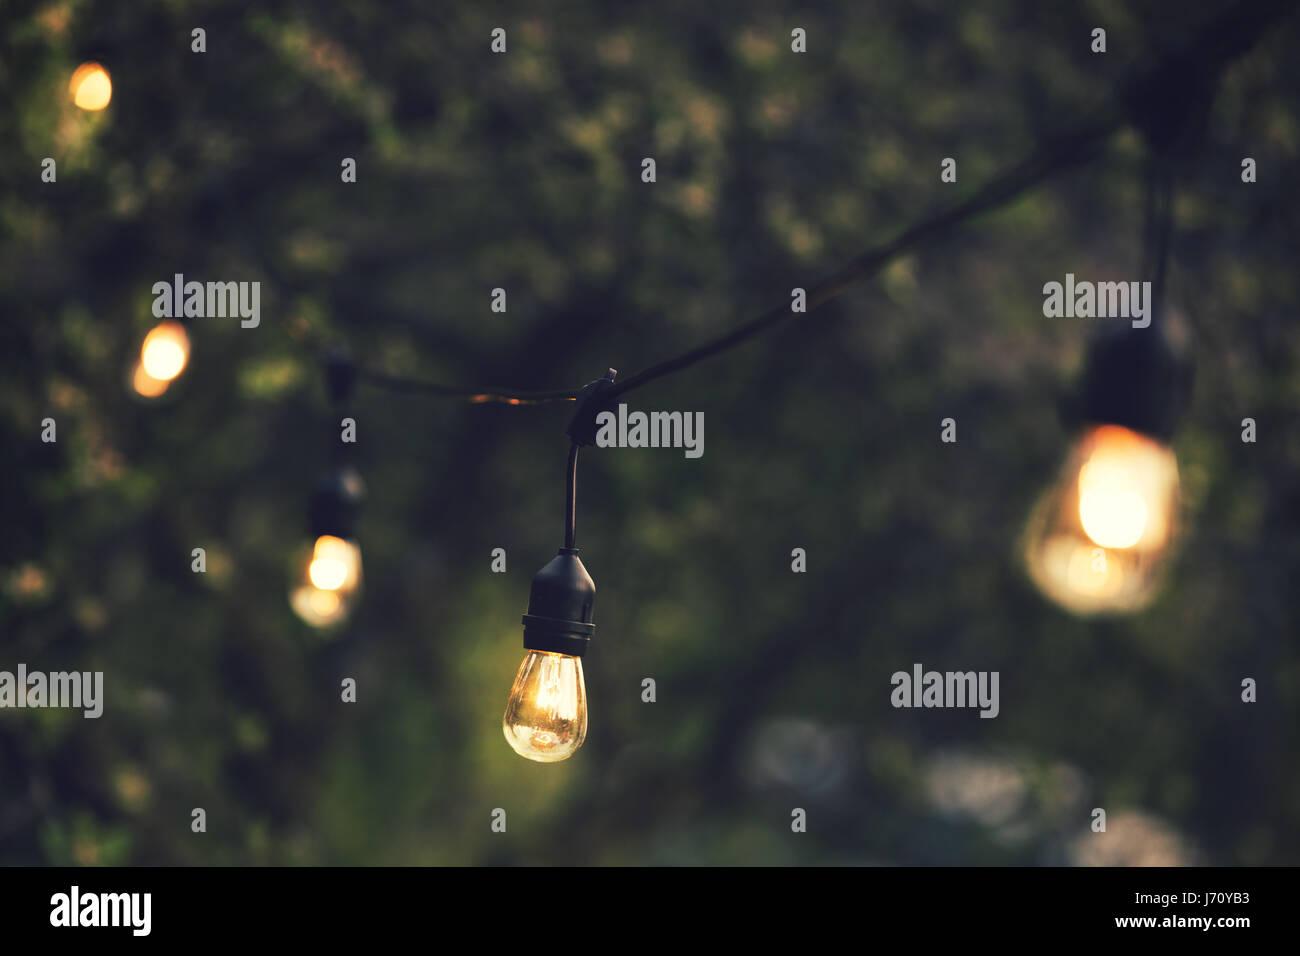 Outdoor-Lichterkette hängen in einer Zeile im Hinterhof Stockbild